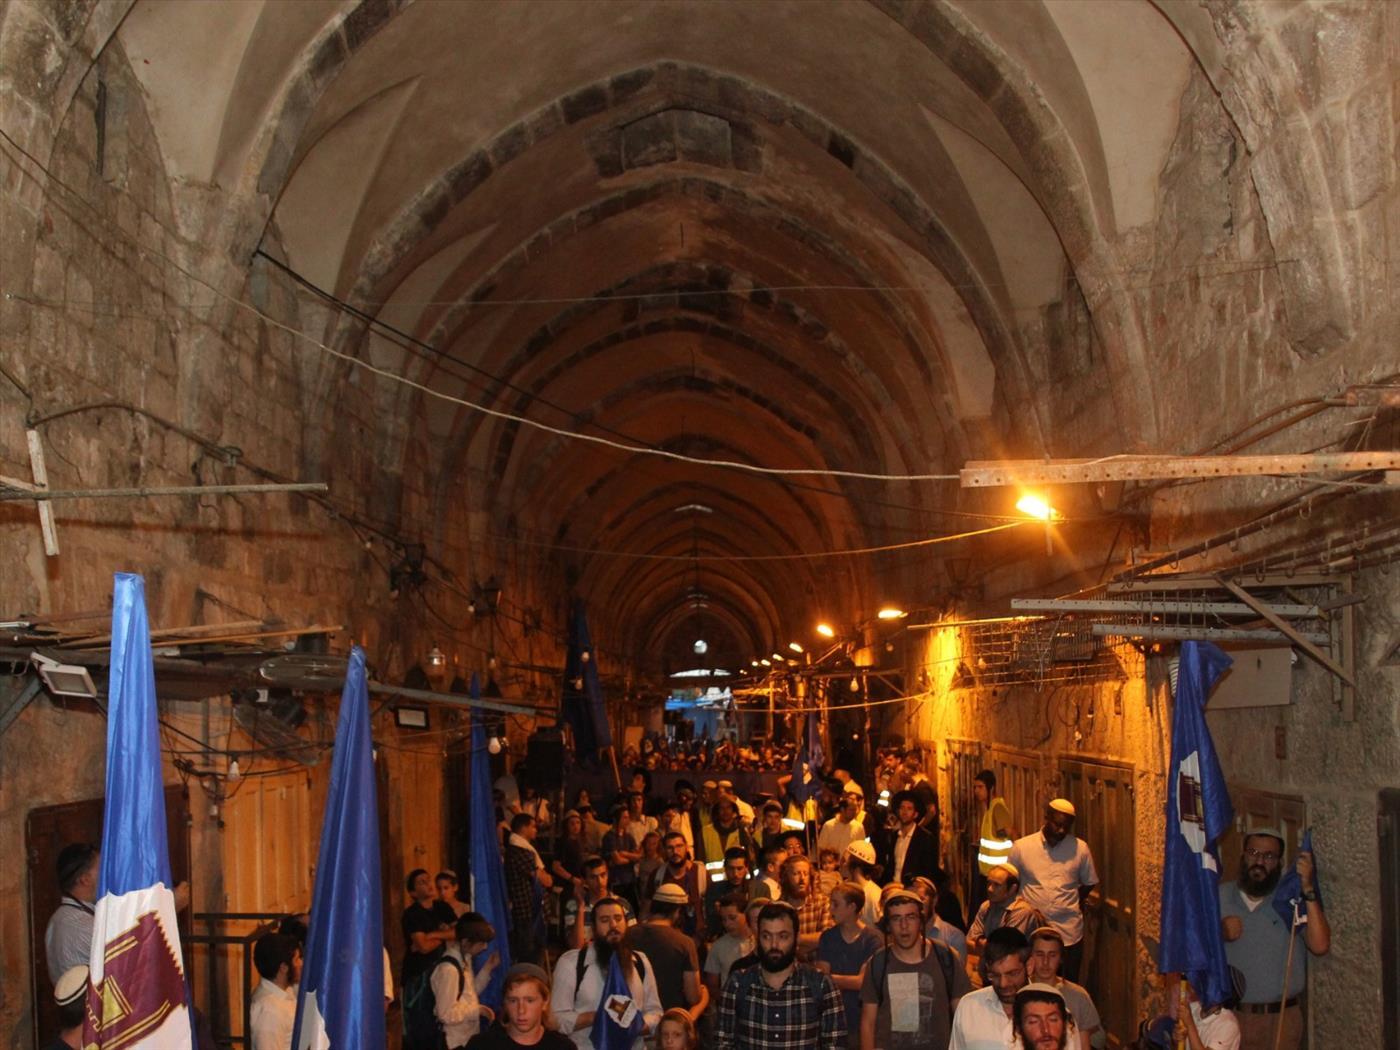 סיבוב השערים (צילום: זבול יעקבי)